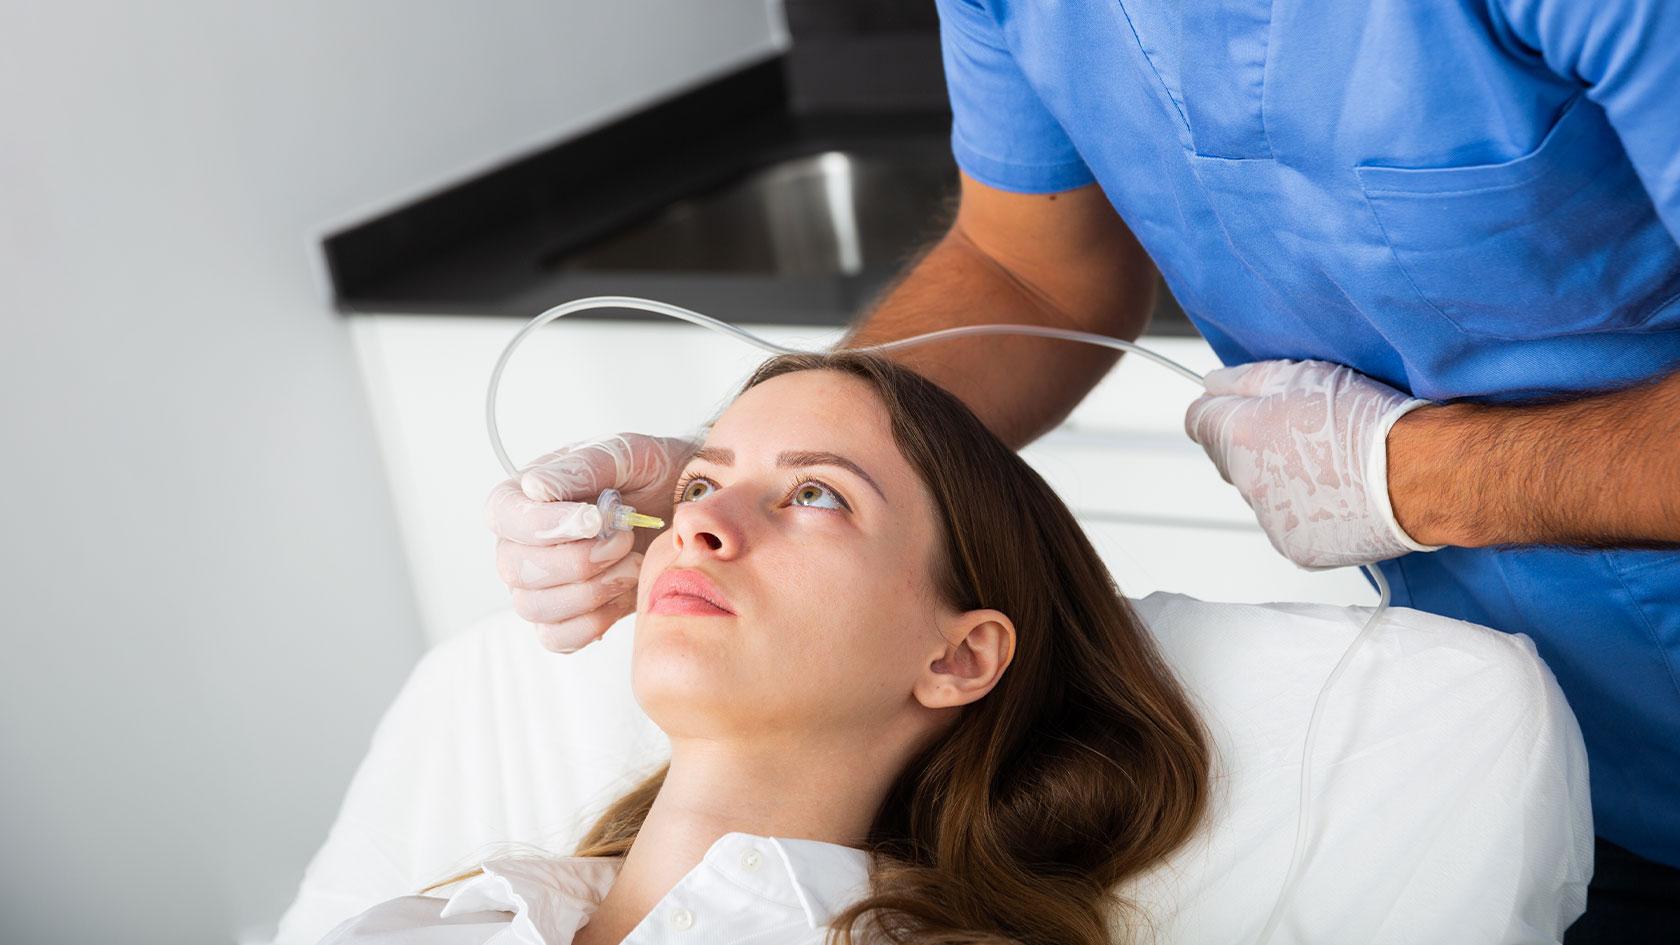 zastosowanie Karboksyterapii Medycznej